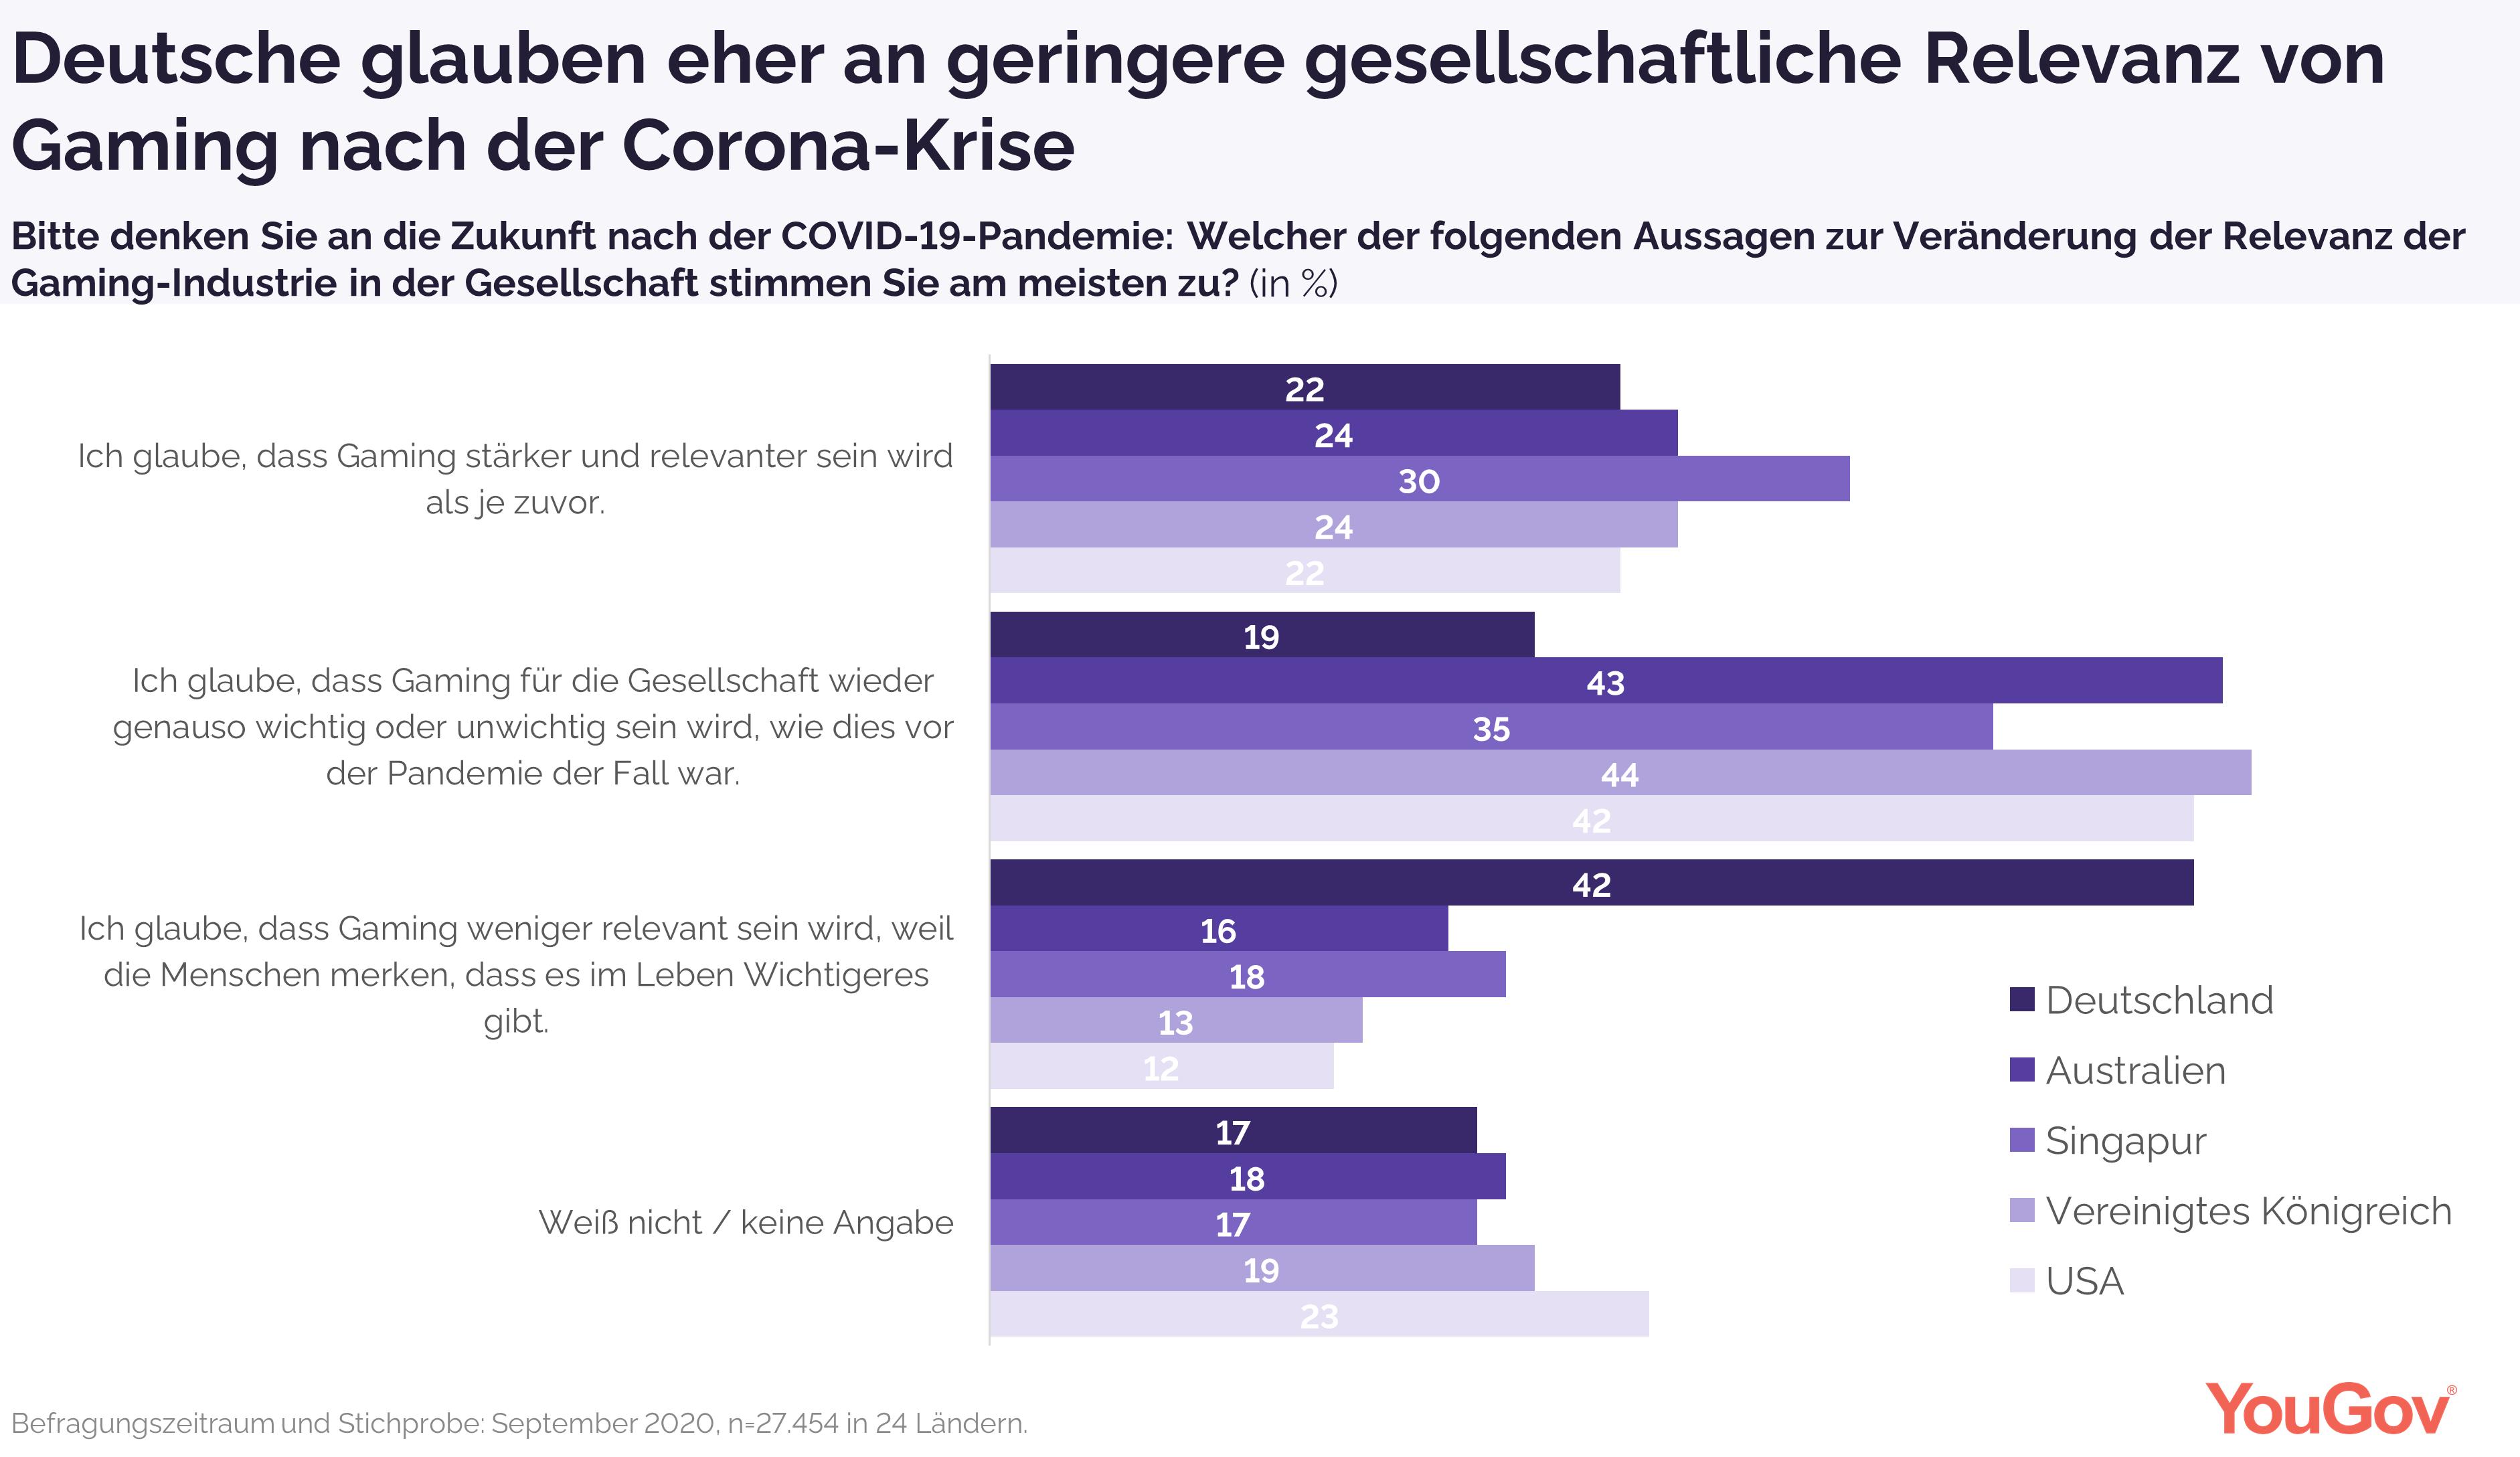 Deutsche glauben häufiger an geringere Gaming-Relevanz nach der Krise